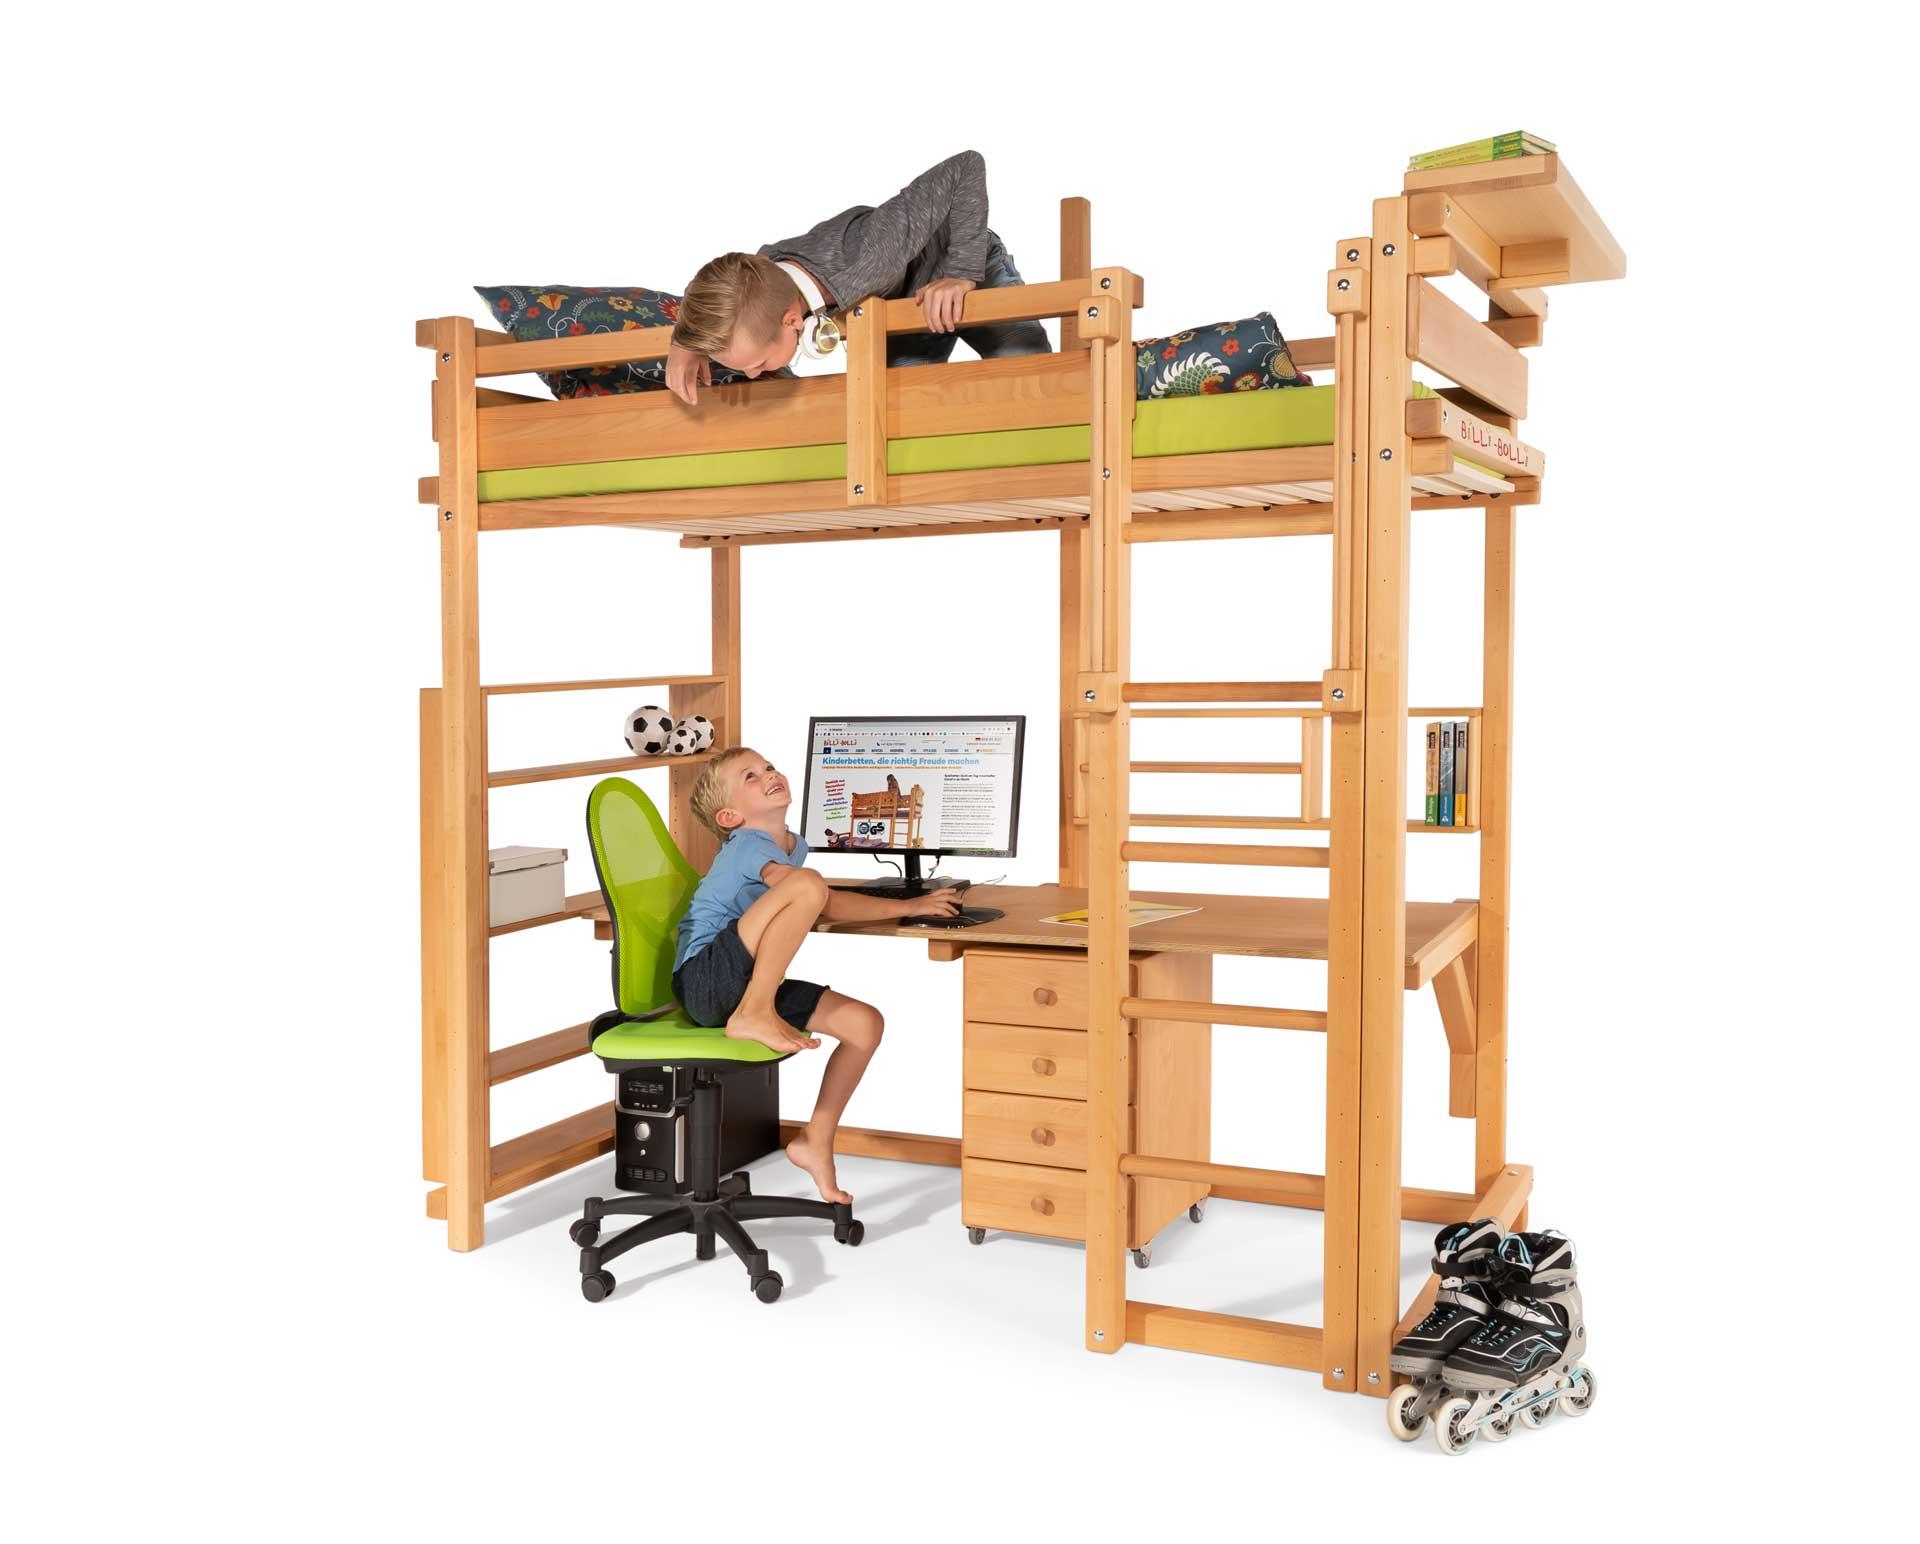 Full Size of Nachttisch Kinderzimmer Hochbett Mitwachsend Fr Online Kaufen Billi Bolli Regal Weiß Regale Sofa Kinderzimmer Nachttisch Kinderzimmer